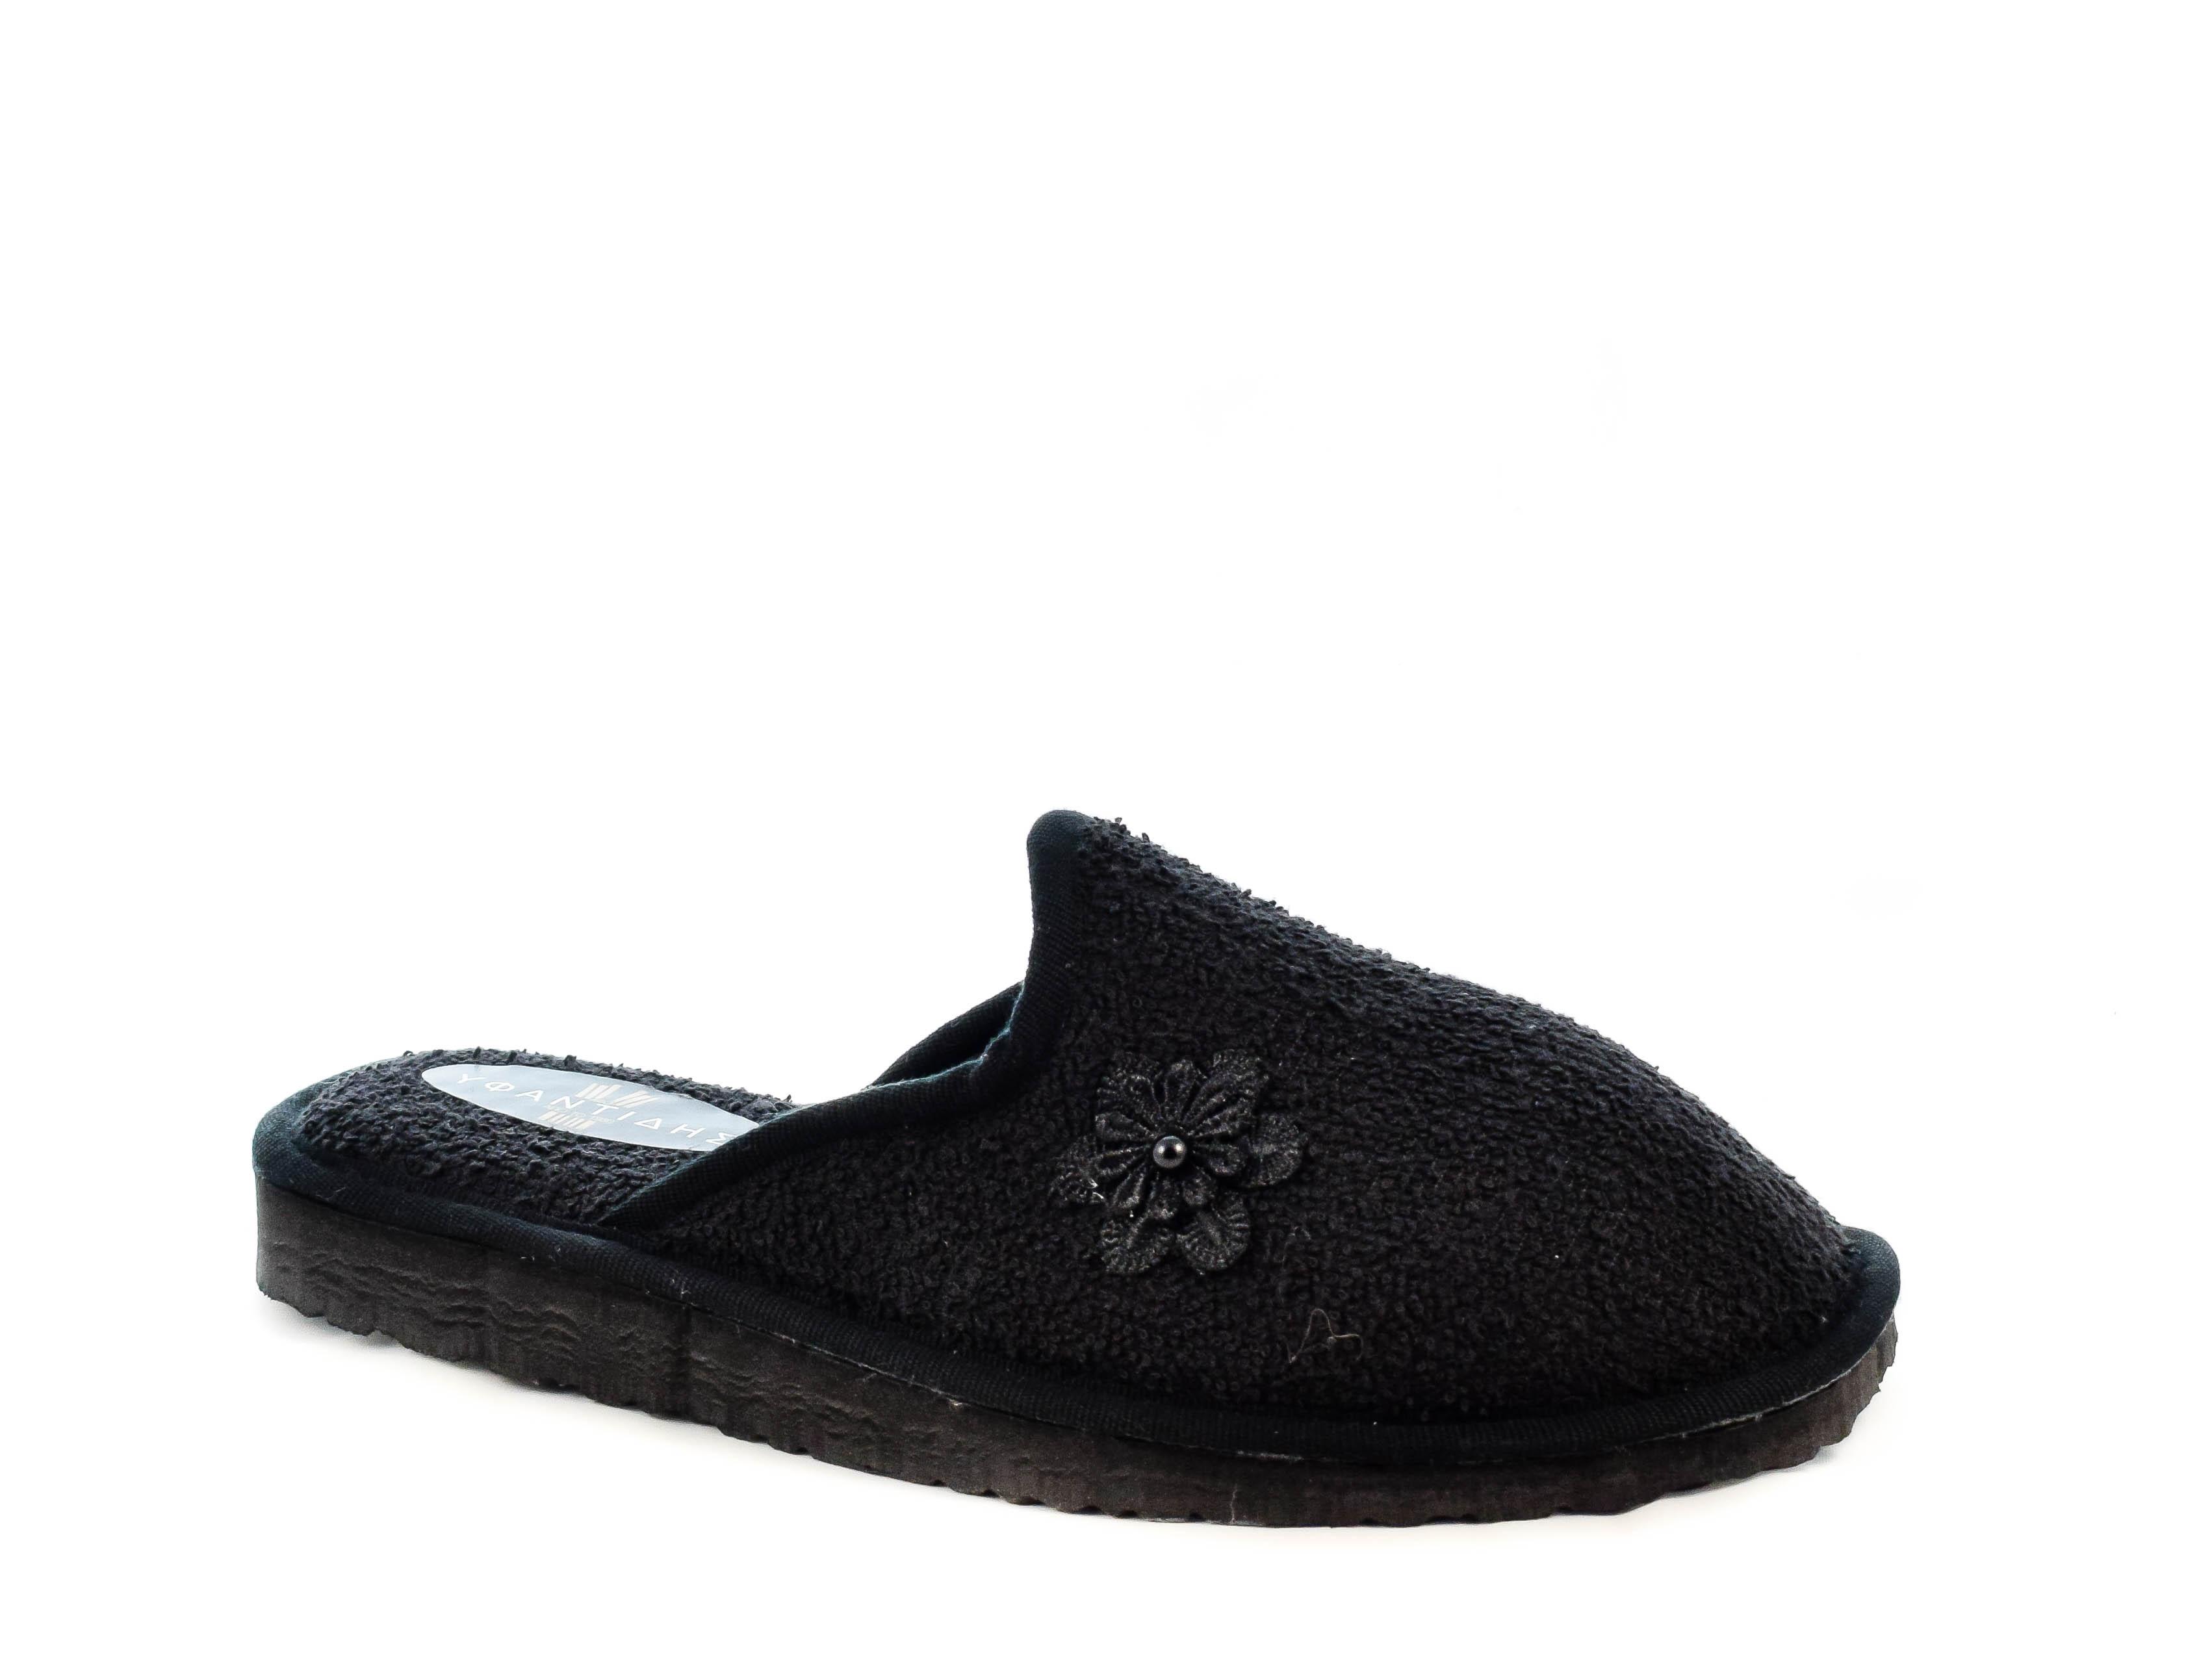 ΥΦΑΝΤΙΔΗΣ PAV50 BLACK Μαύρο